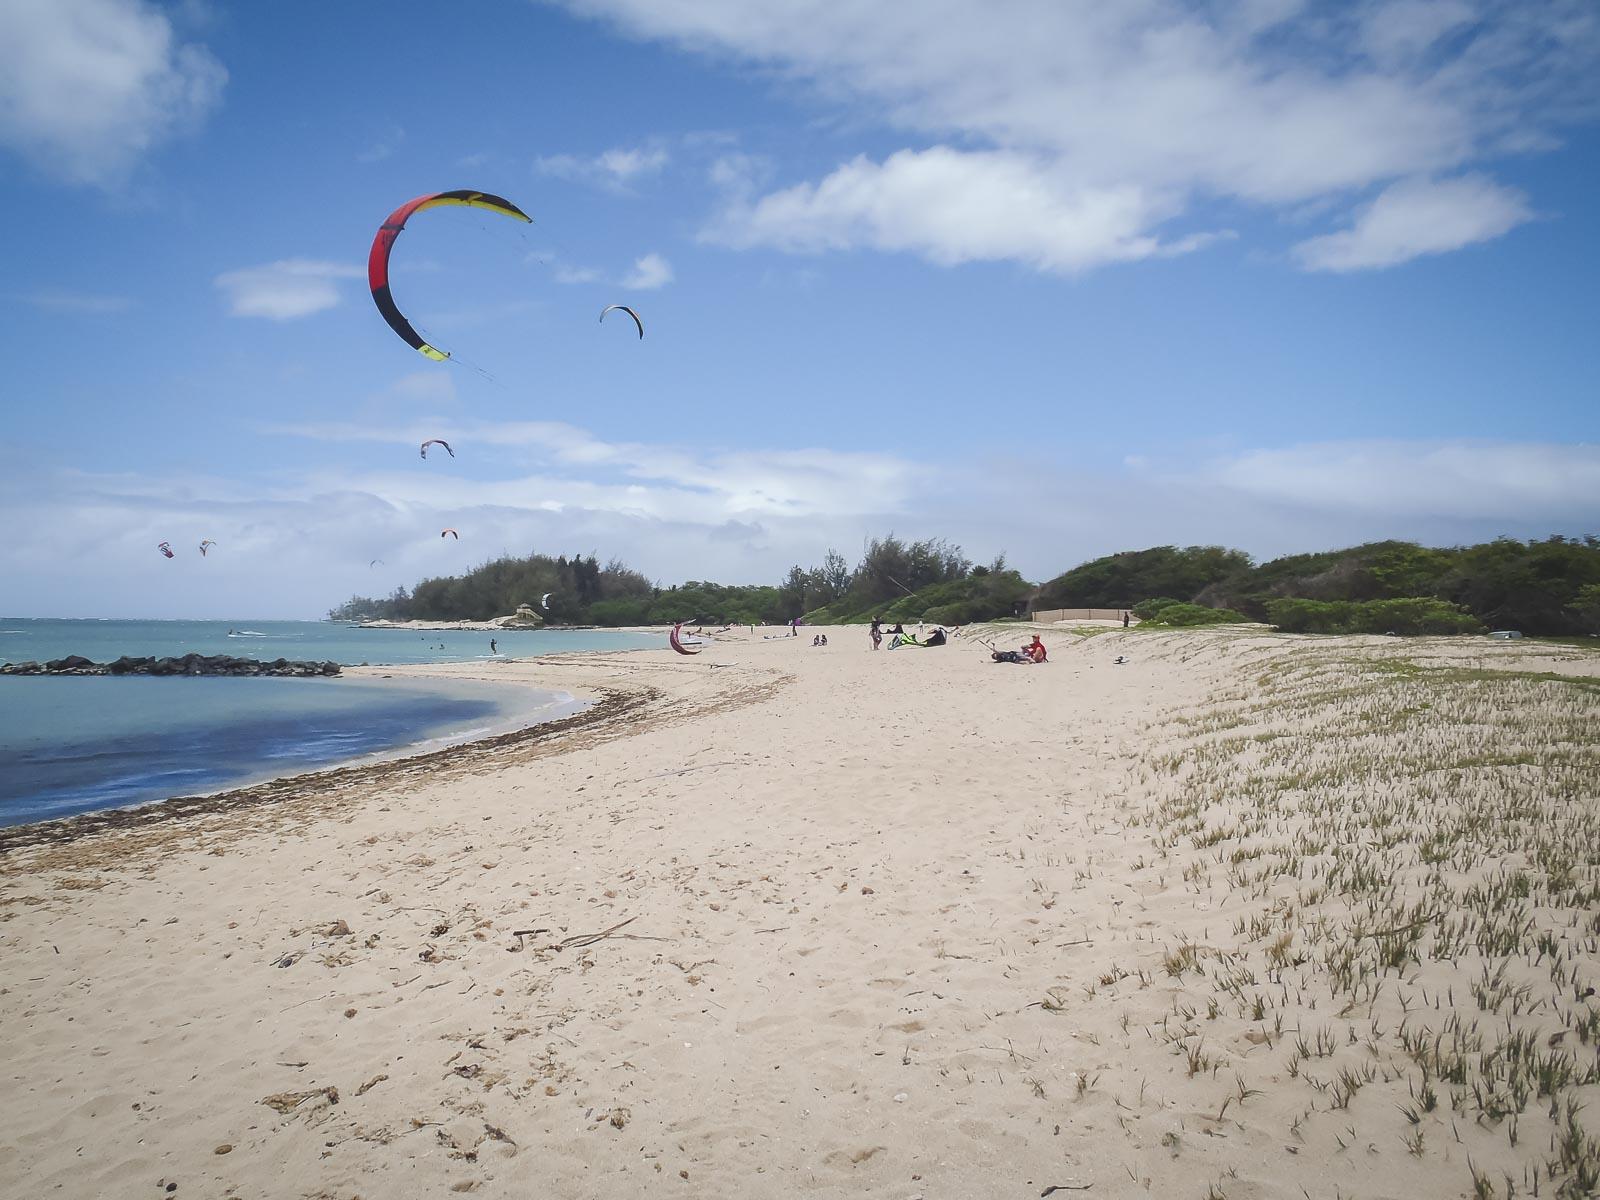 Kiteboarding adventure in Maui